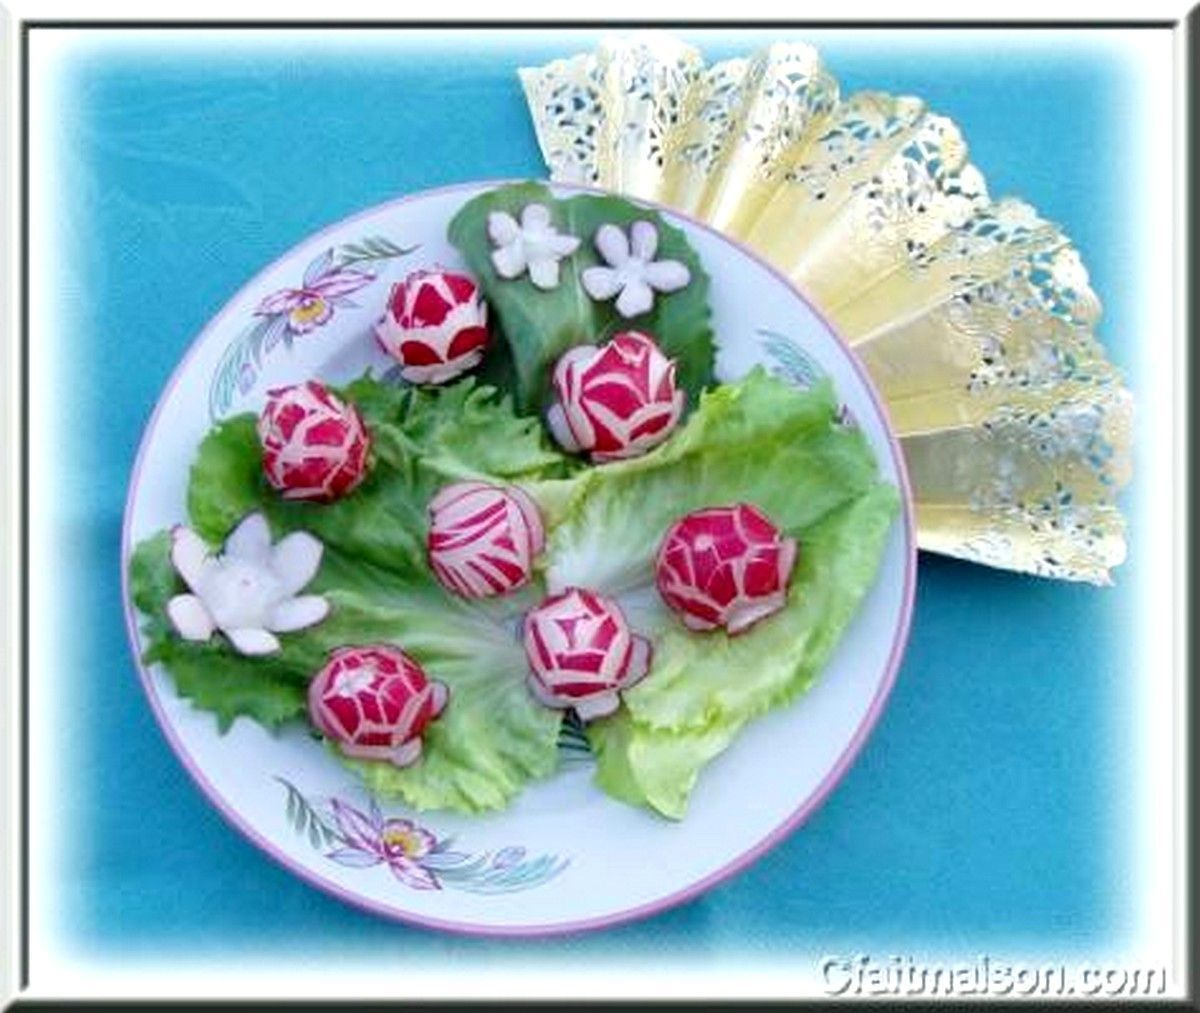 Decoration Legumes Radis : Sculptures de legumes decoratifs page